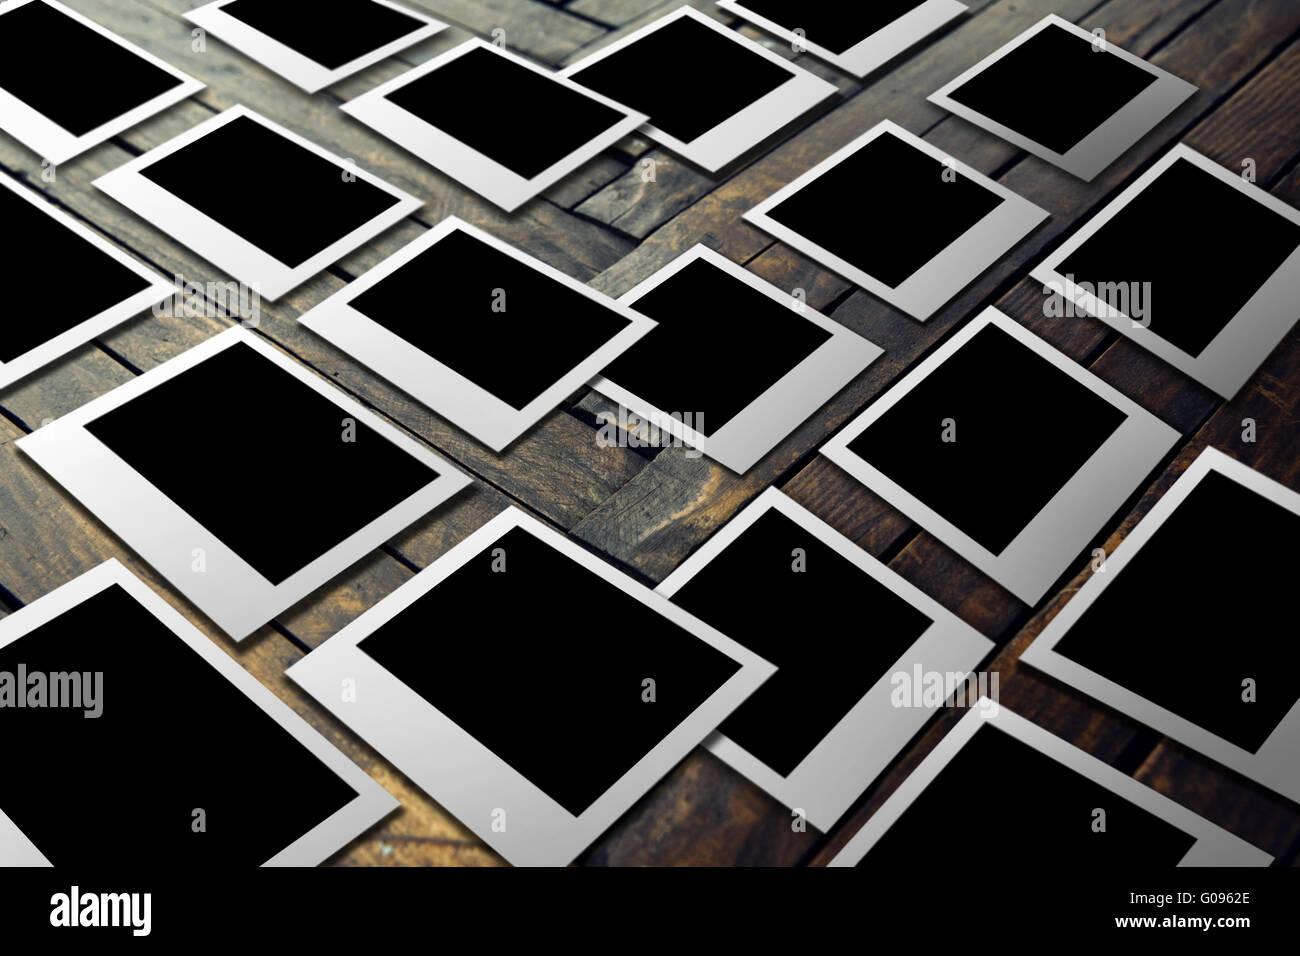 Polaroid films on the wooden floor - Stock Image